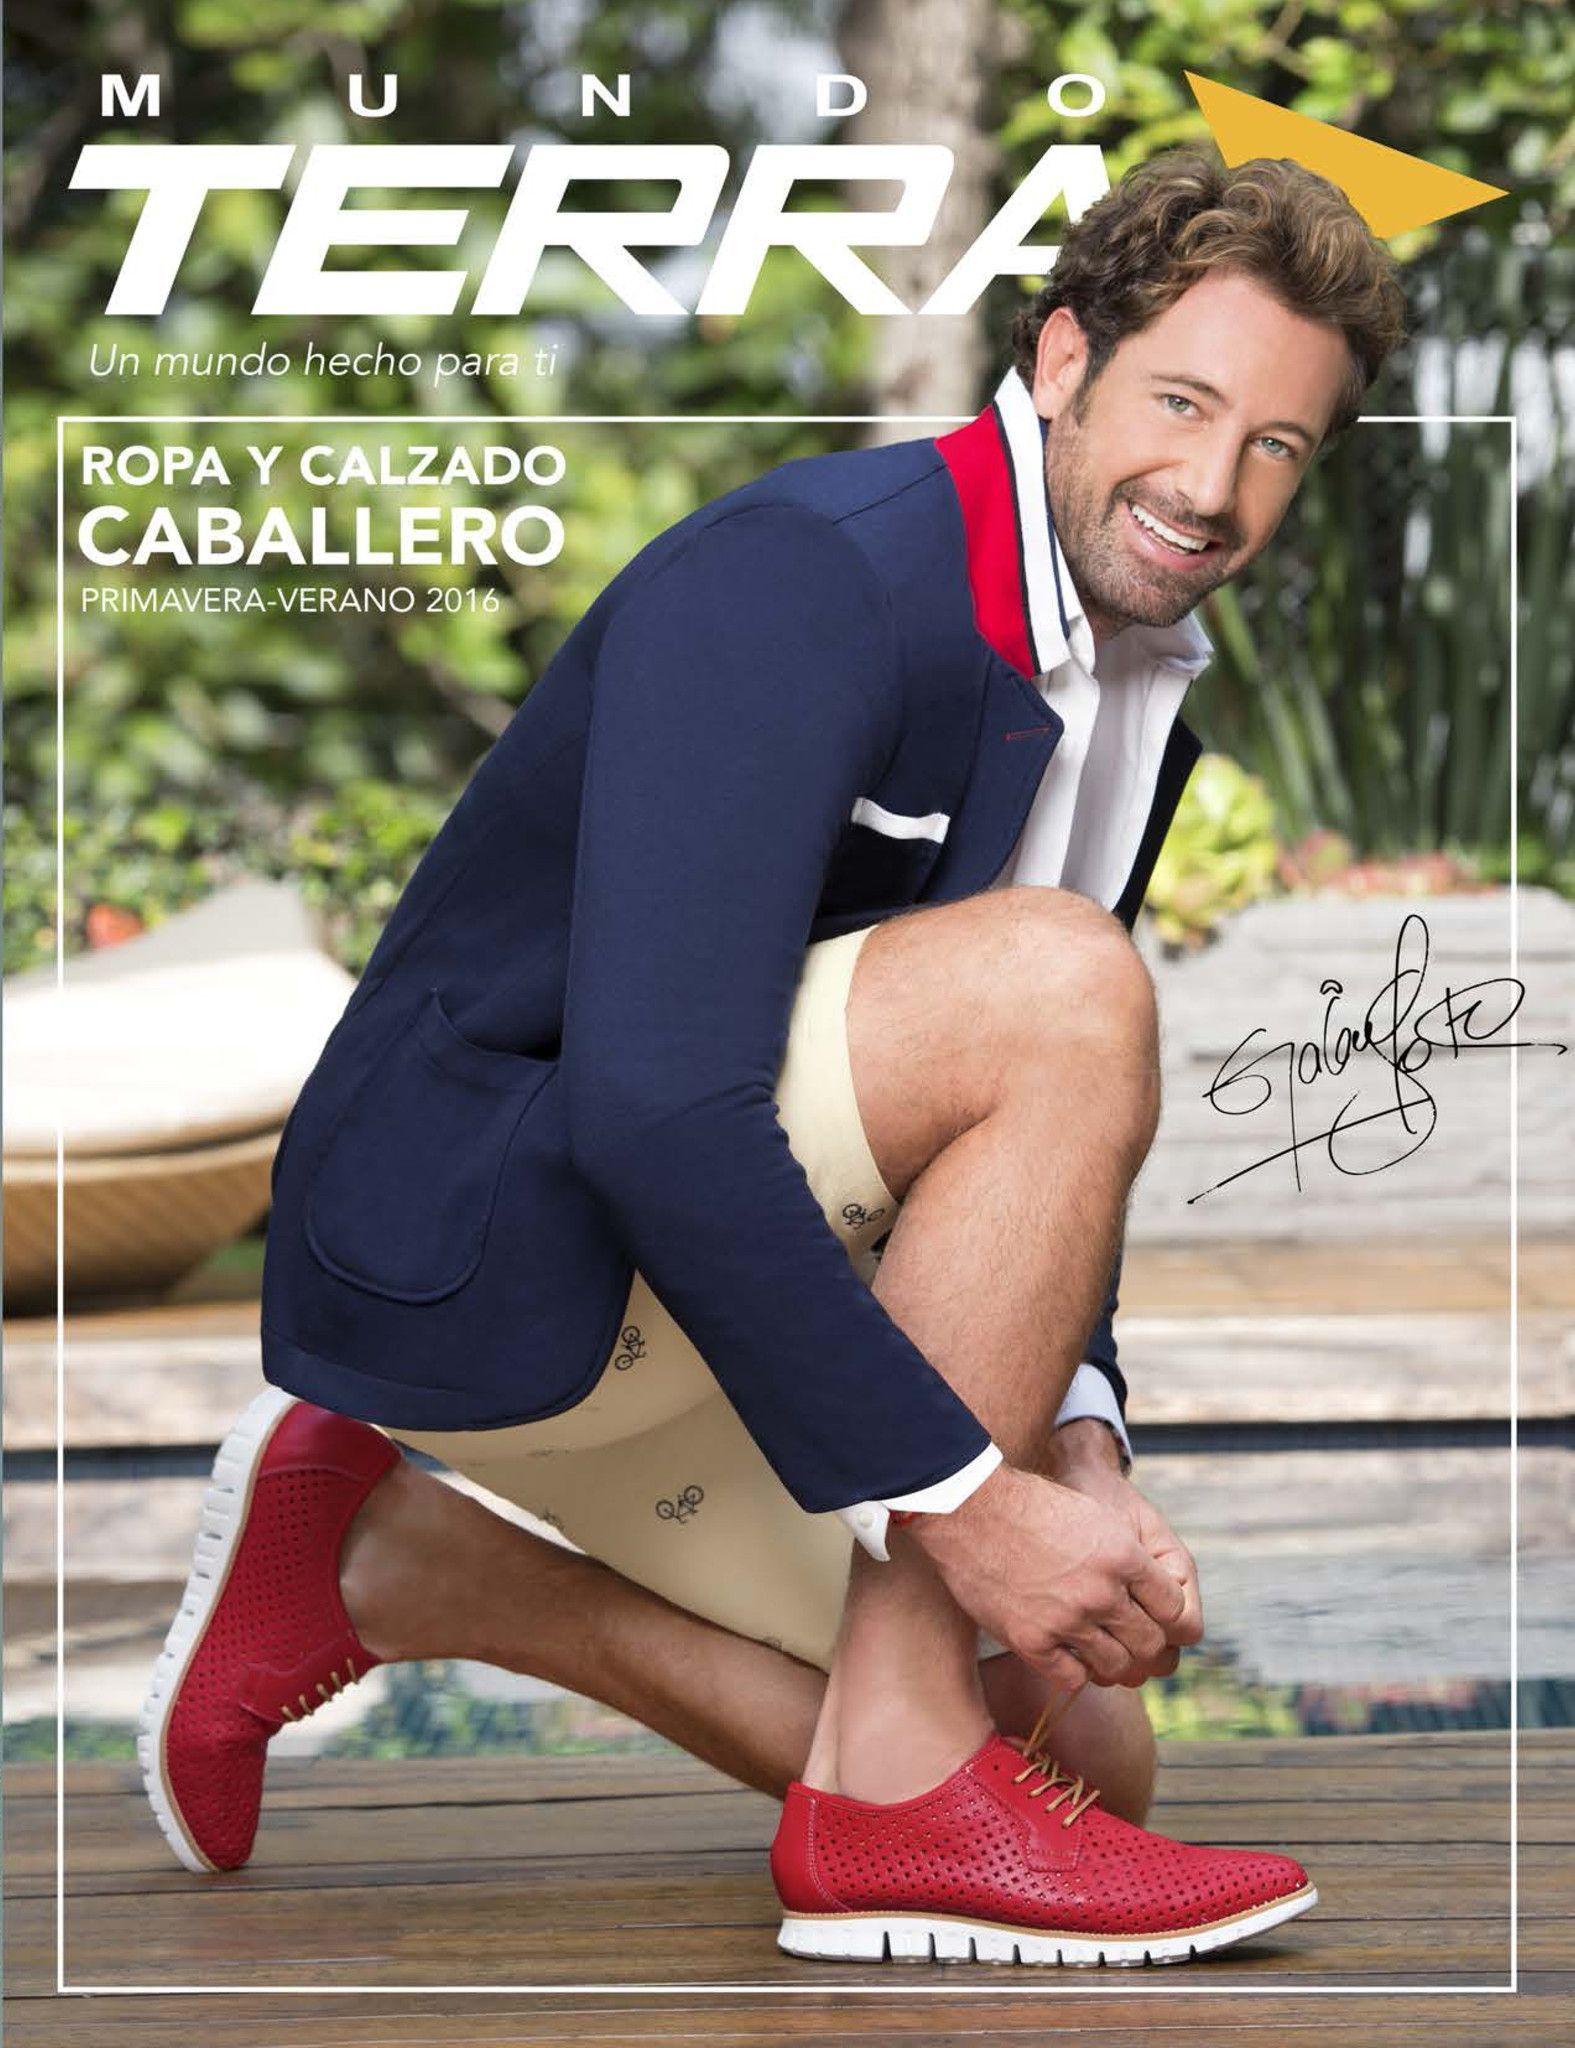 Catalogo De Zapatos Y Ropa De Caballero Terra Usa Dress Shoes Men Men Dress Loafers Men